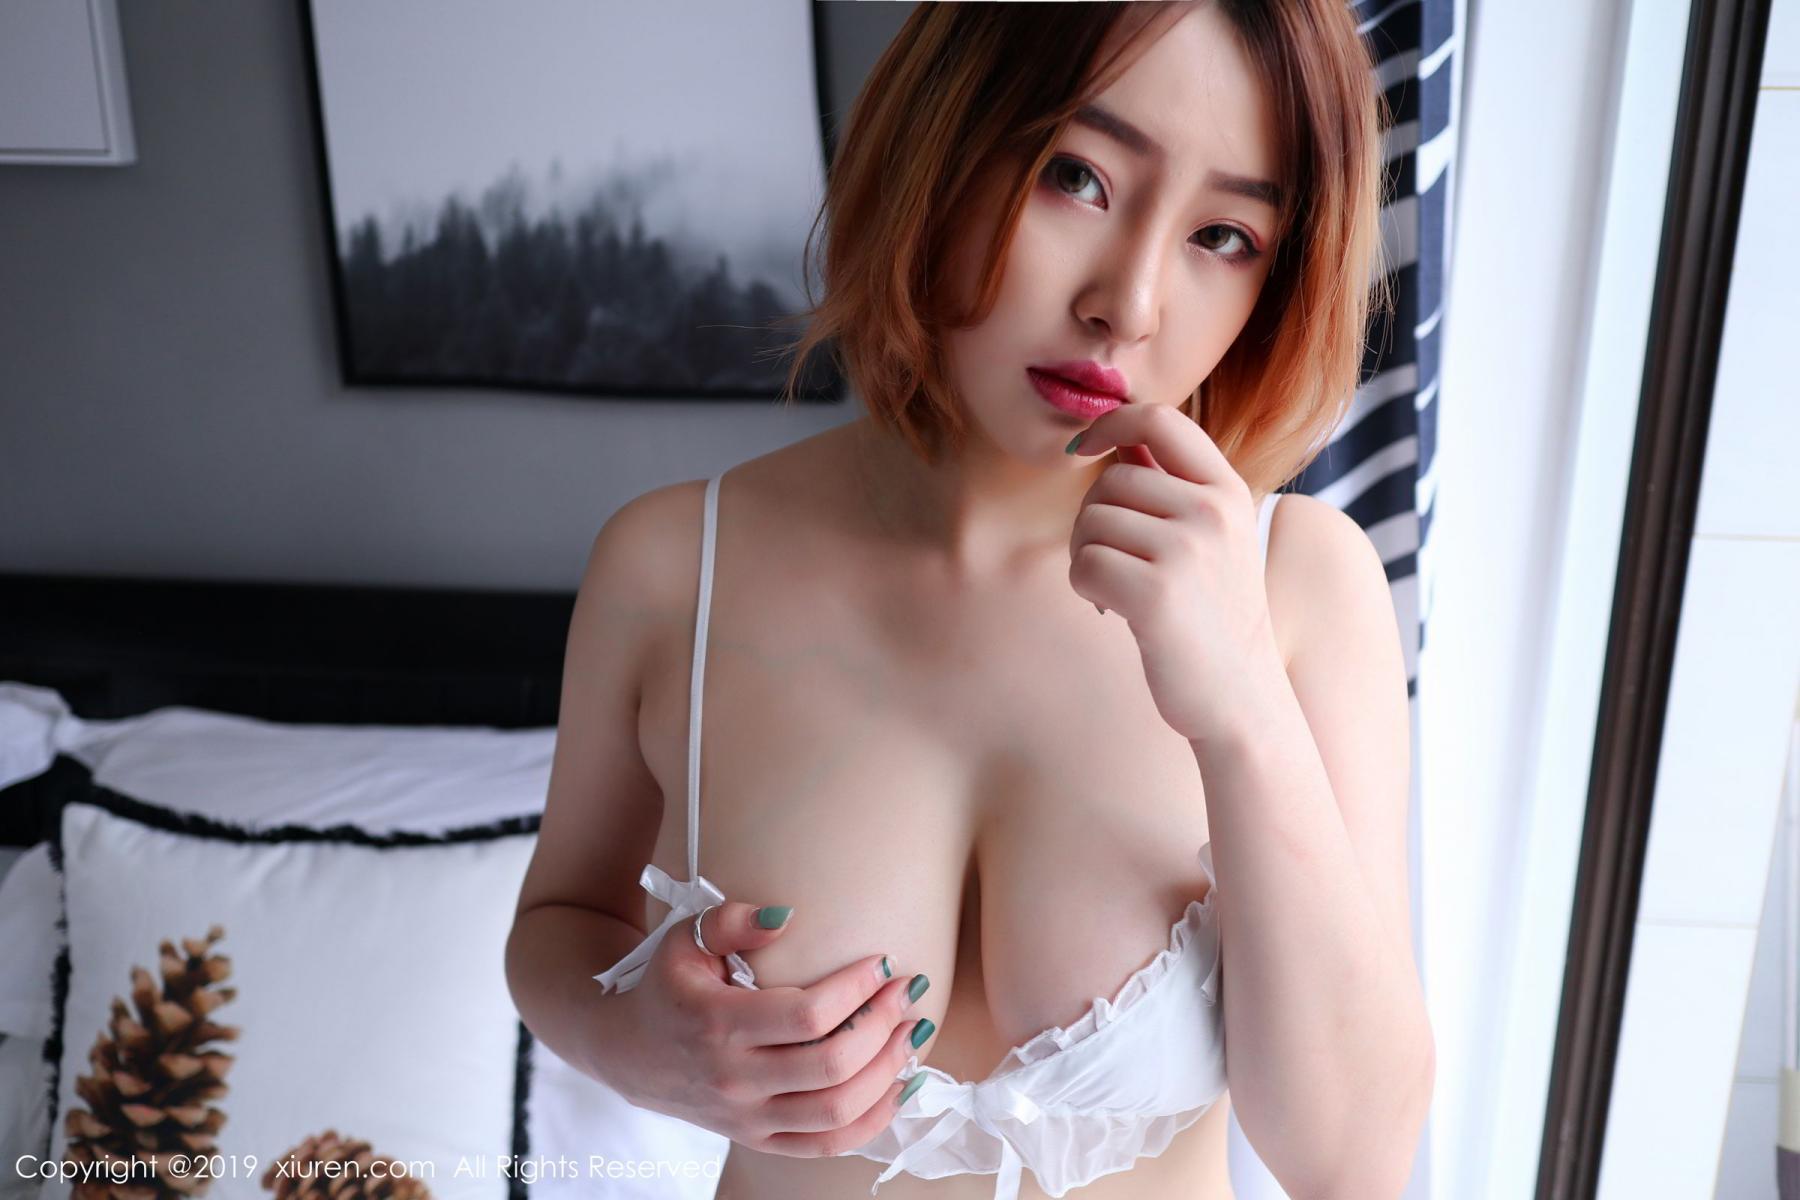 [XiuRen] Vol.1711 Yao A Yao De Yao 20P, Fair Skin, Underwear, Xiuren, Yao A Yao De Yao